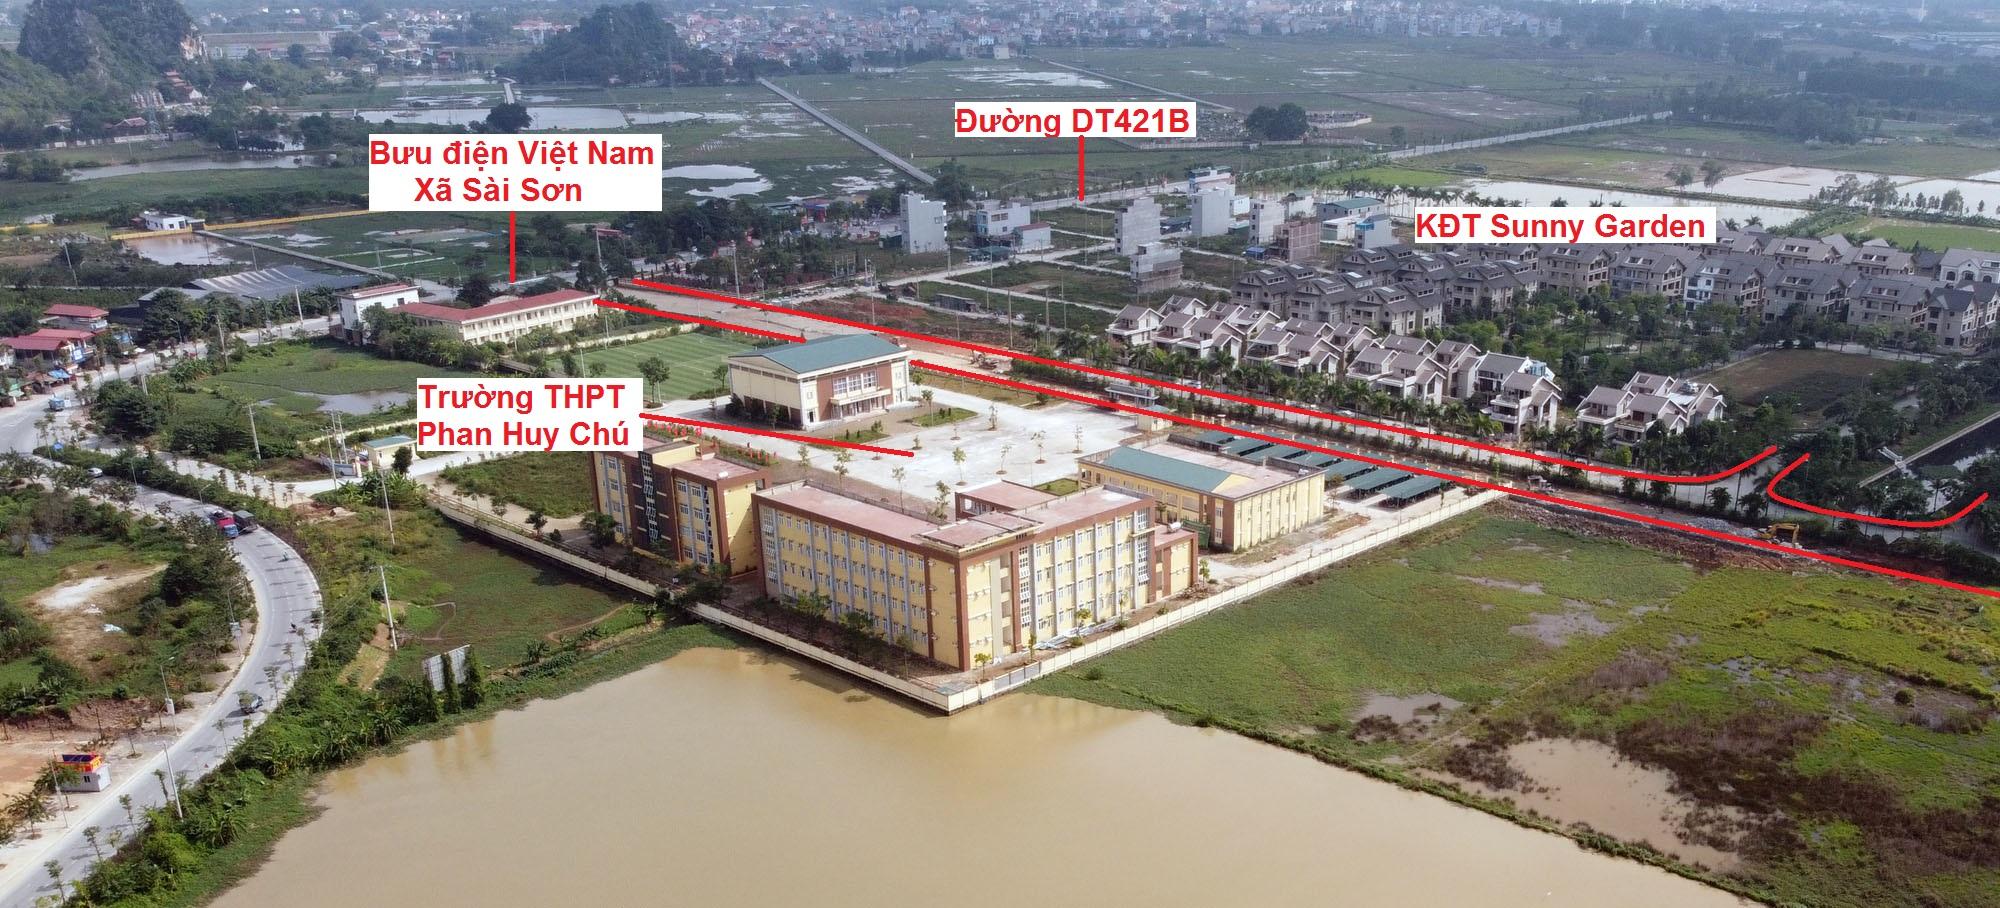 Ba đường sẽ mở theo qui hoạch ở xã Sài Sơn, Quốc Oai, Hà Nội - Ảnh 14.